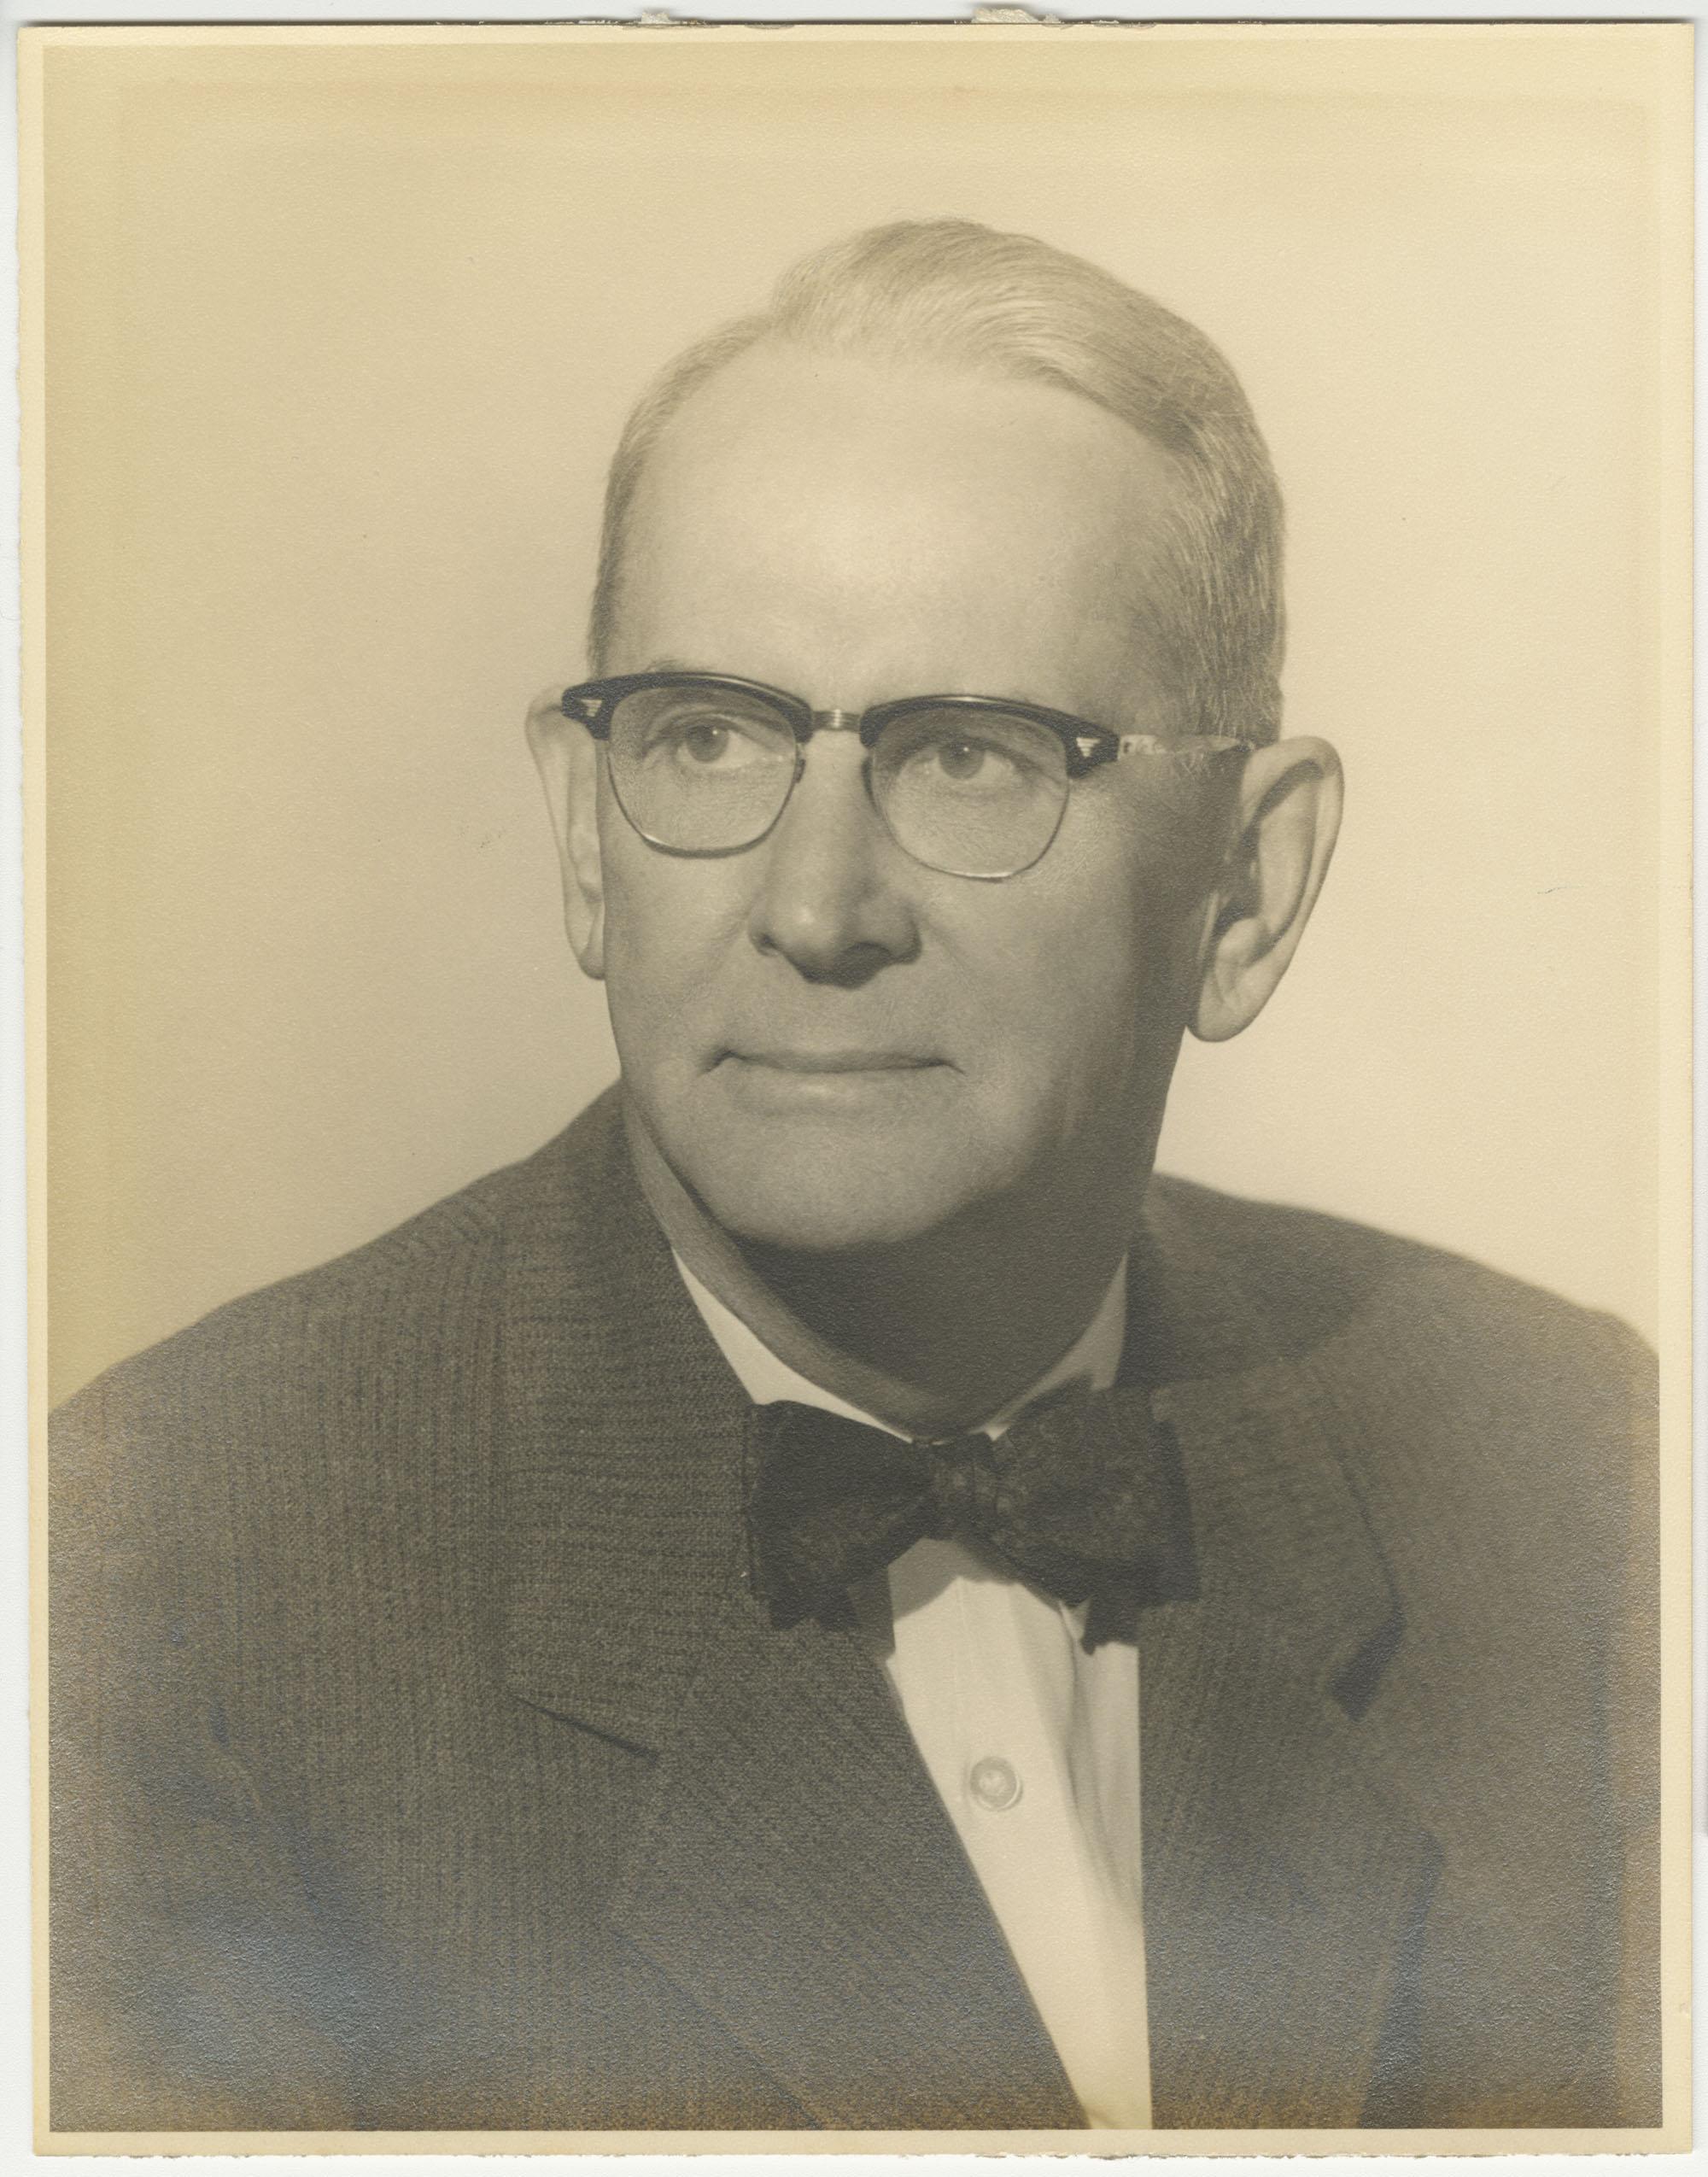 Joseph E. Jenkins